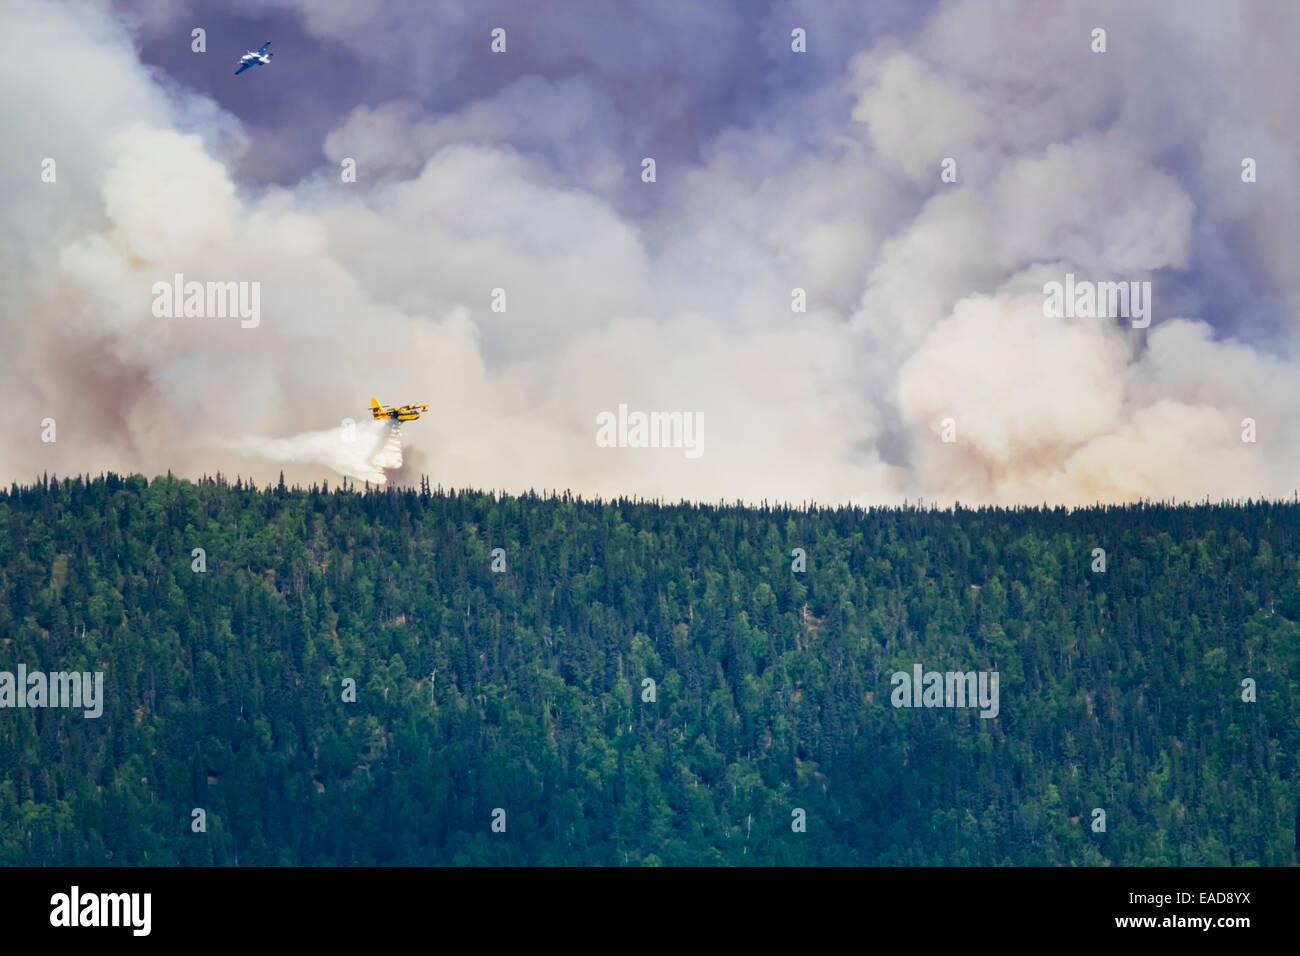 Wald, Flugzeug, Rauch, Feuer, Feuerwehr Stockbild